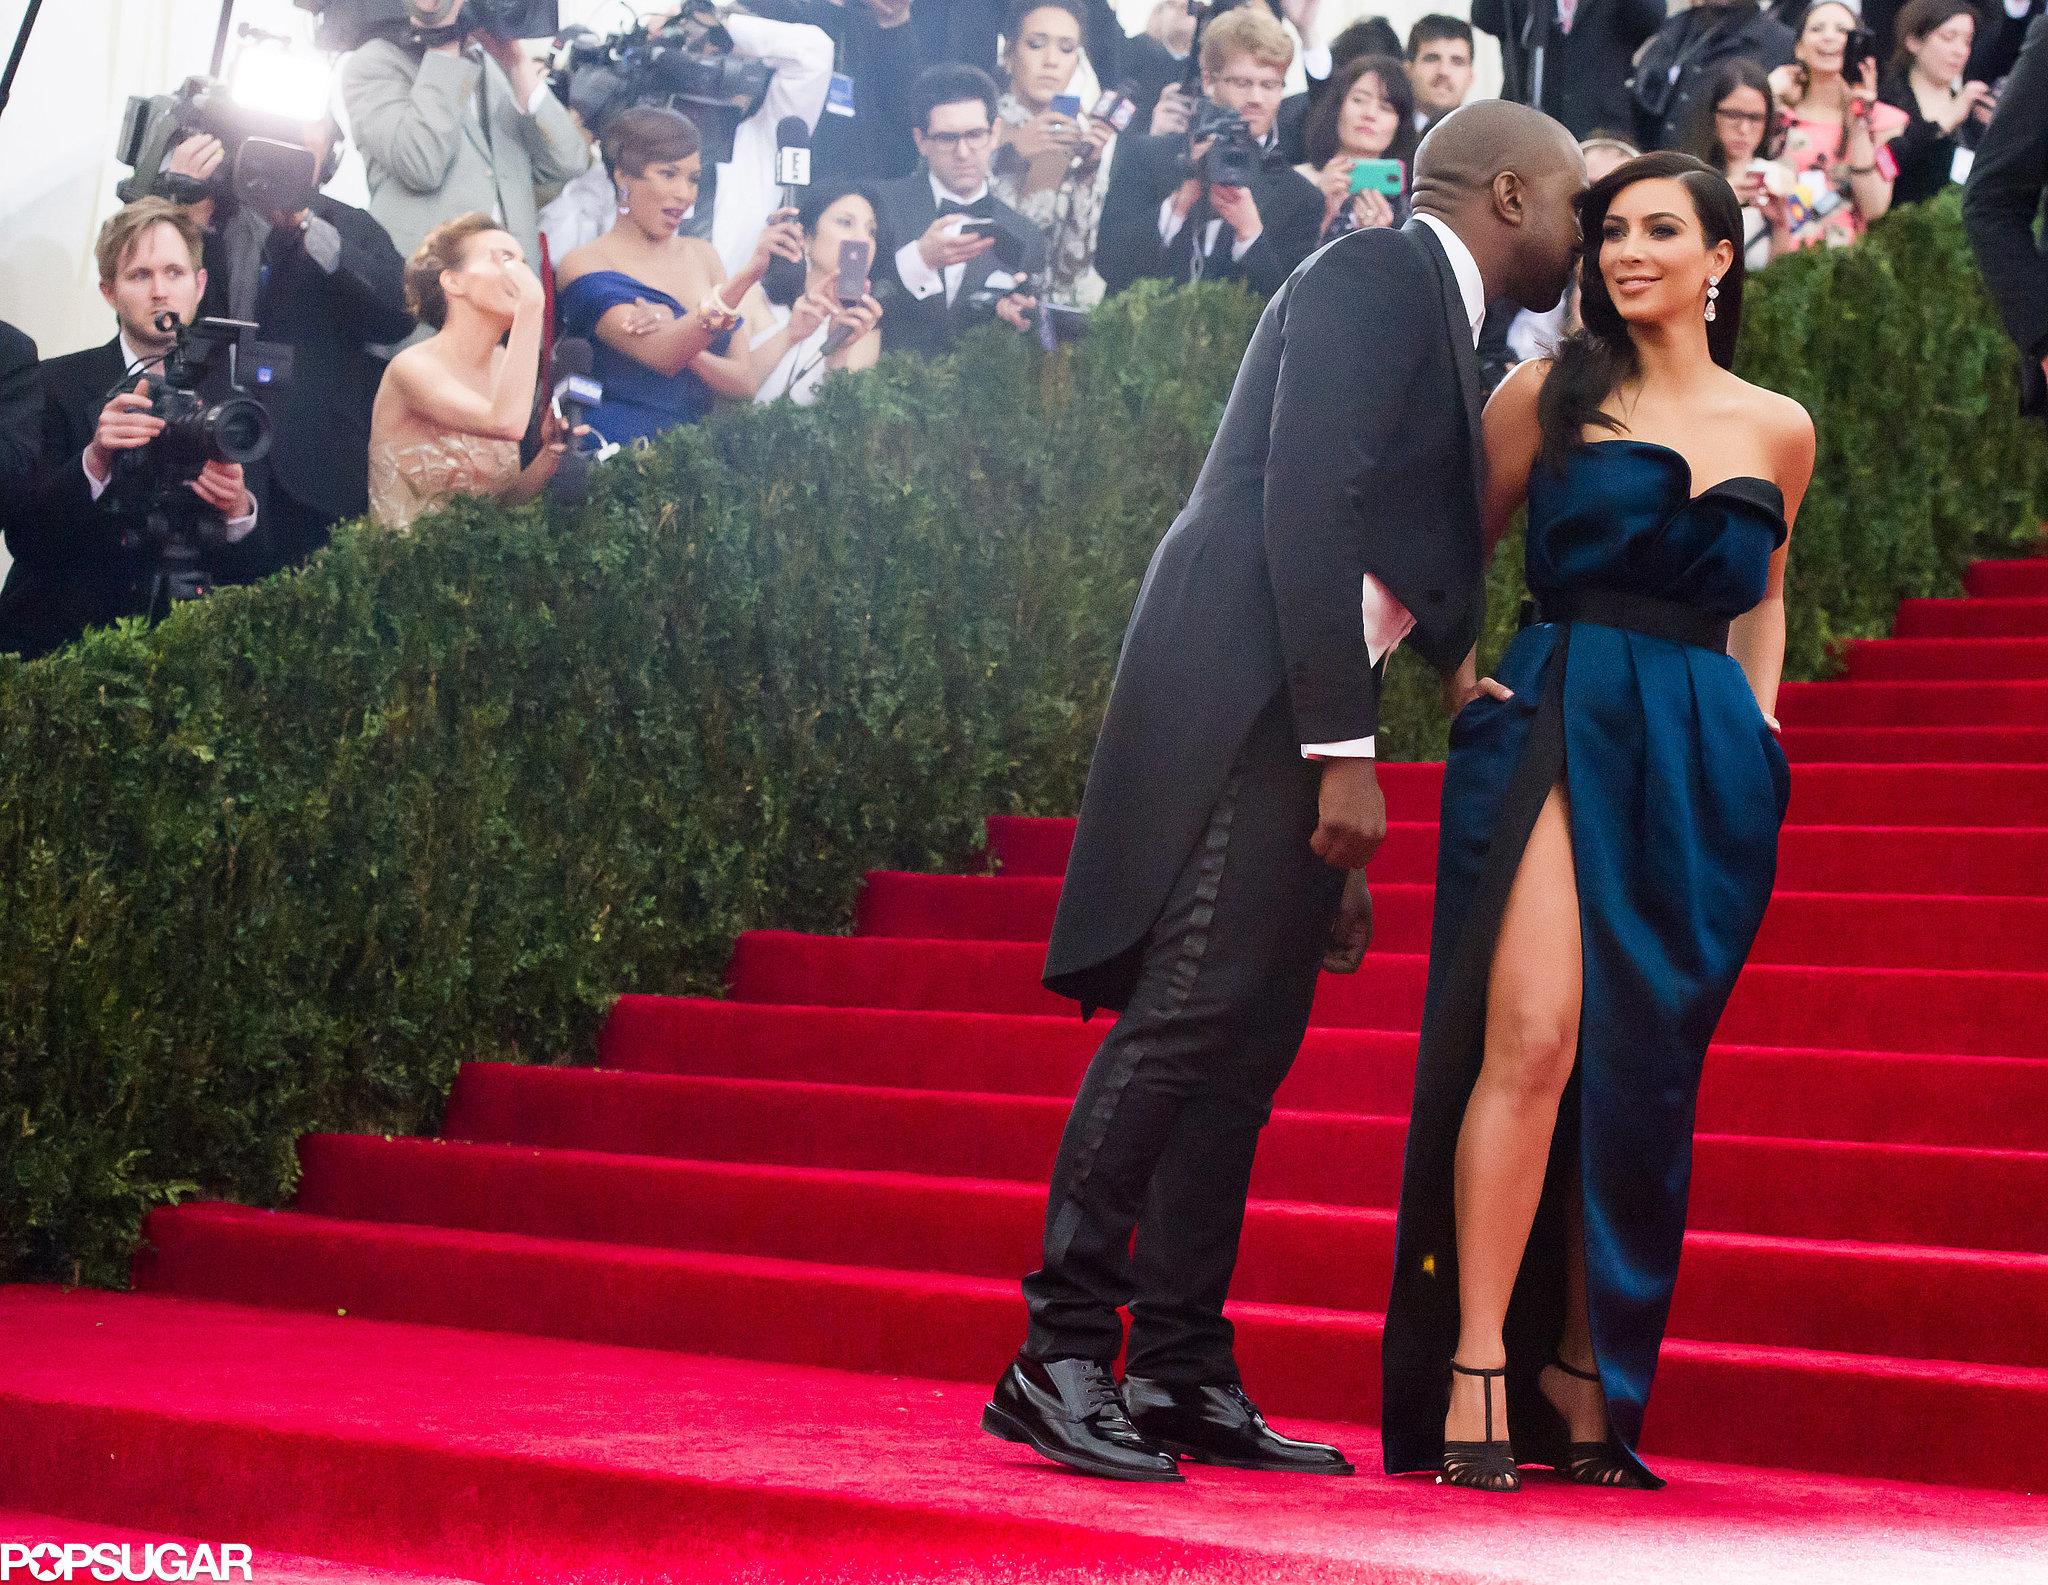 Kanye West whispered in Kim Kardashian's ear during their red carpet run.